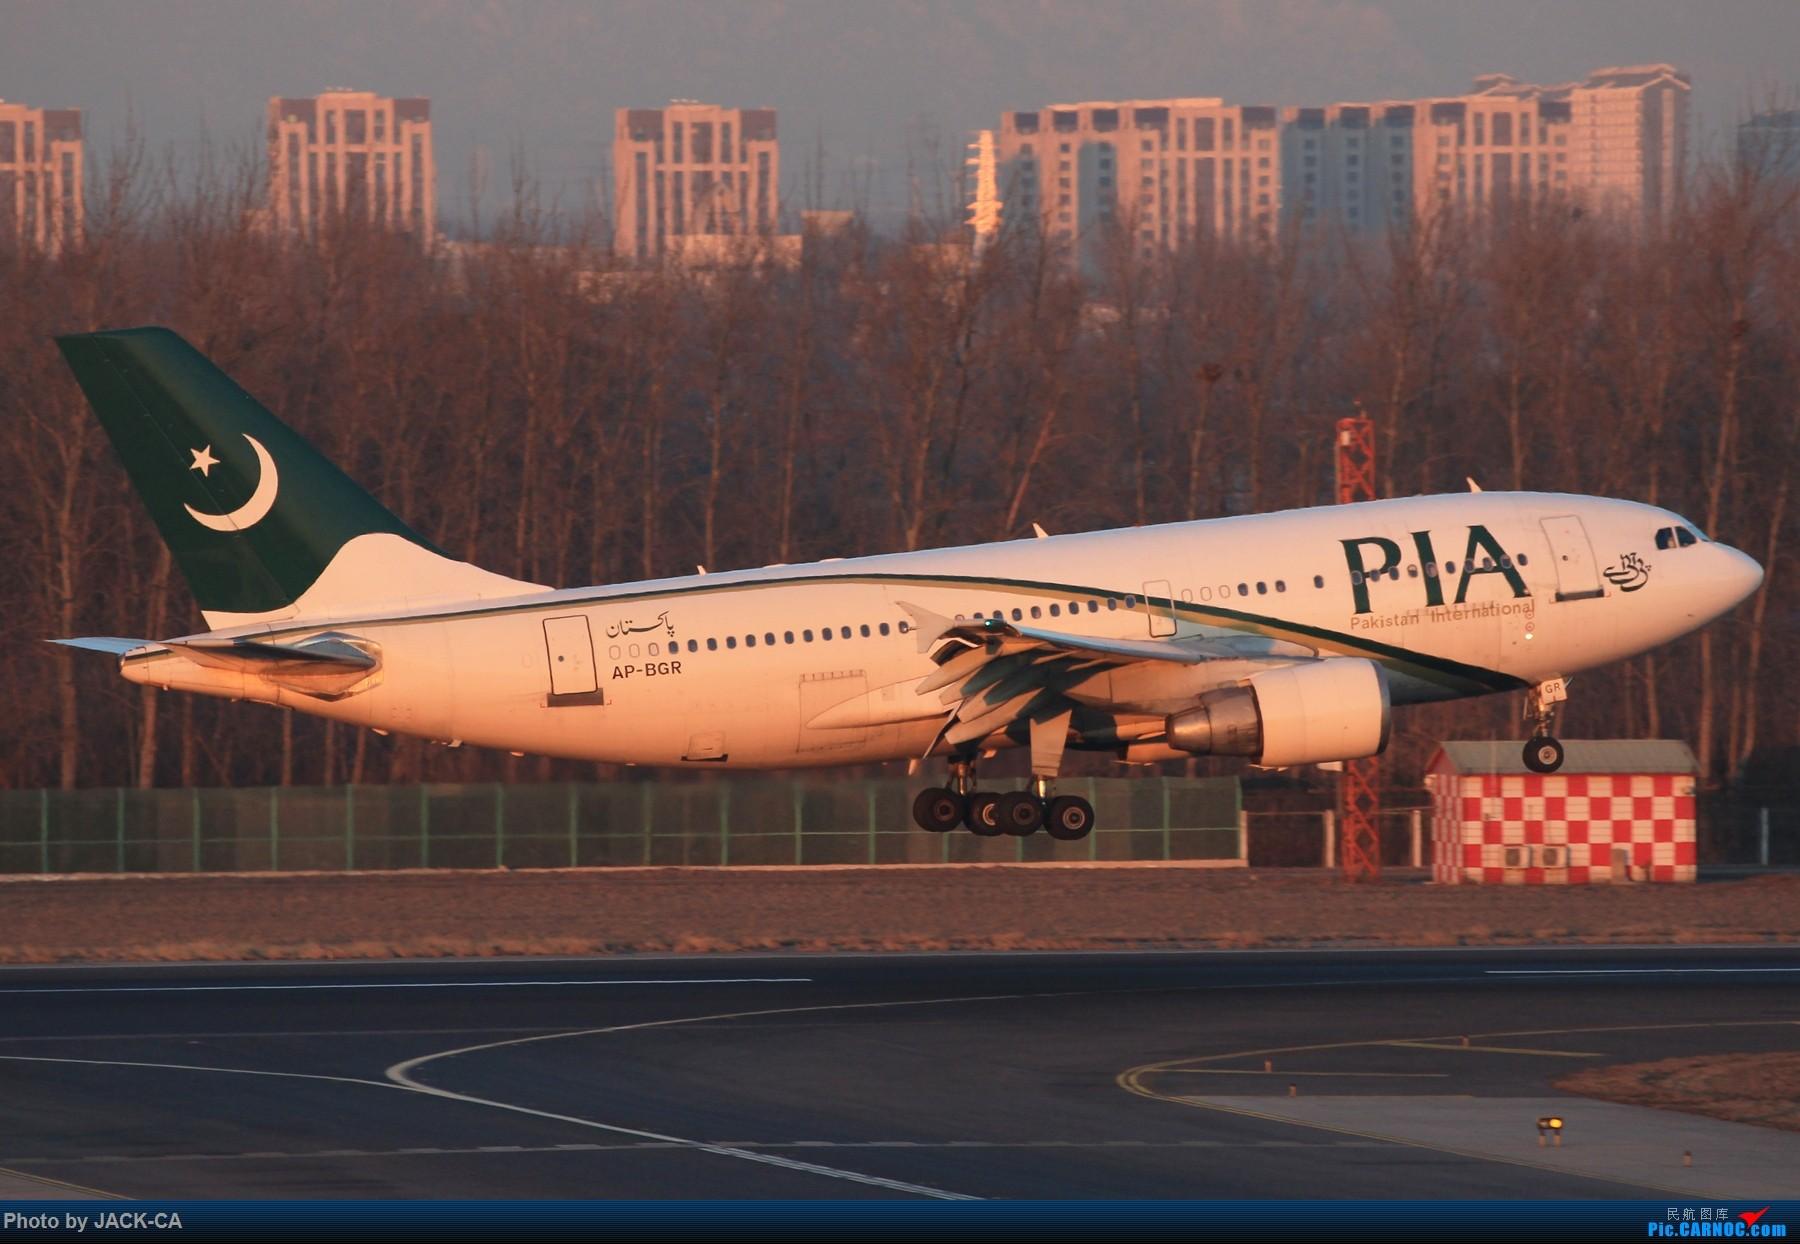 Re:[原创]【组图】北京拍机之苏活视角 AIRBUS A310-200 AP-BGR 中国北京首都国际机场